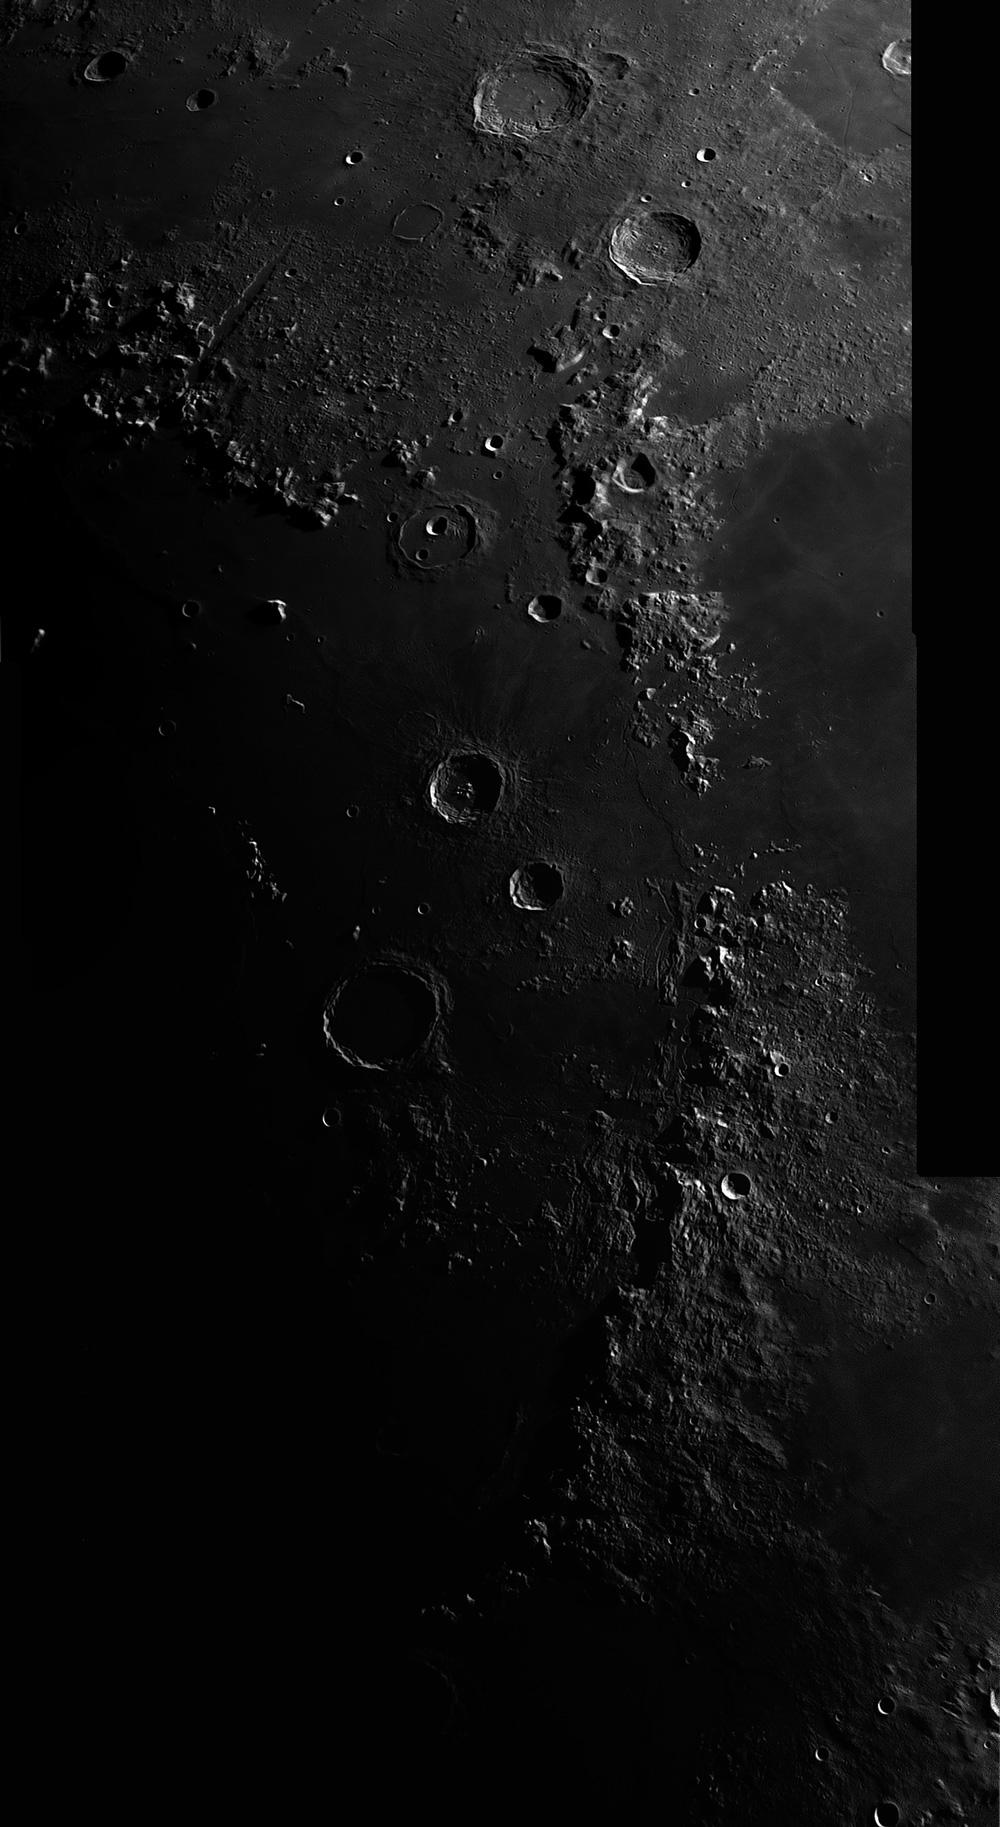 La Lune - Page 32 Appennins7_5_2014